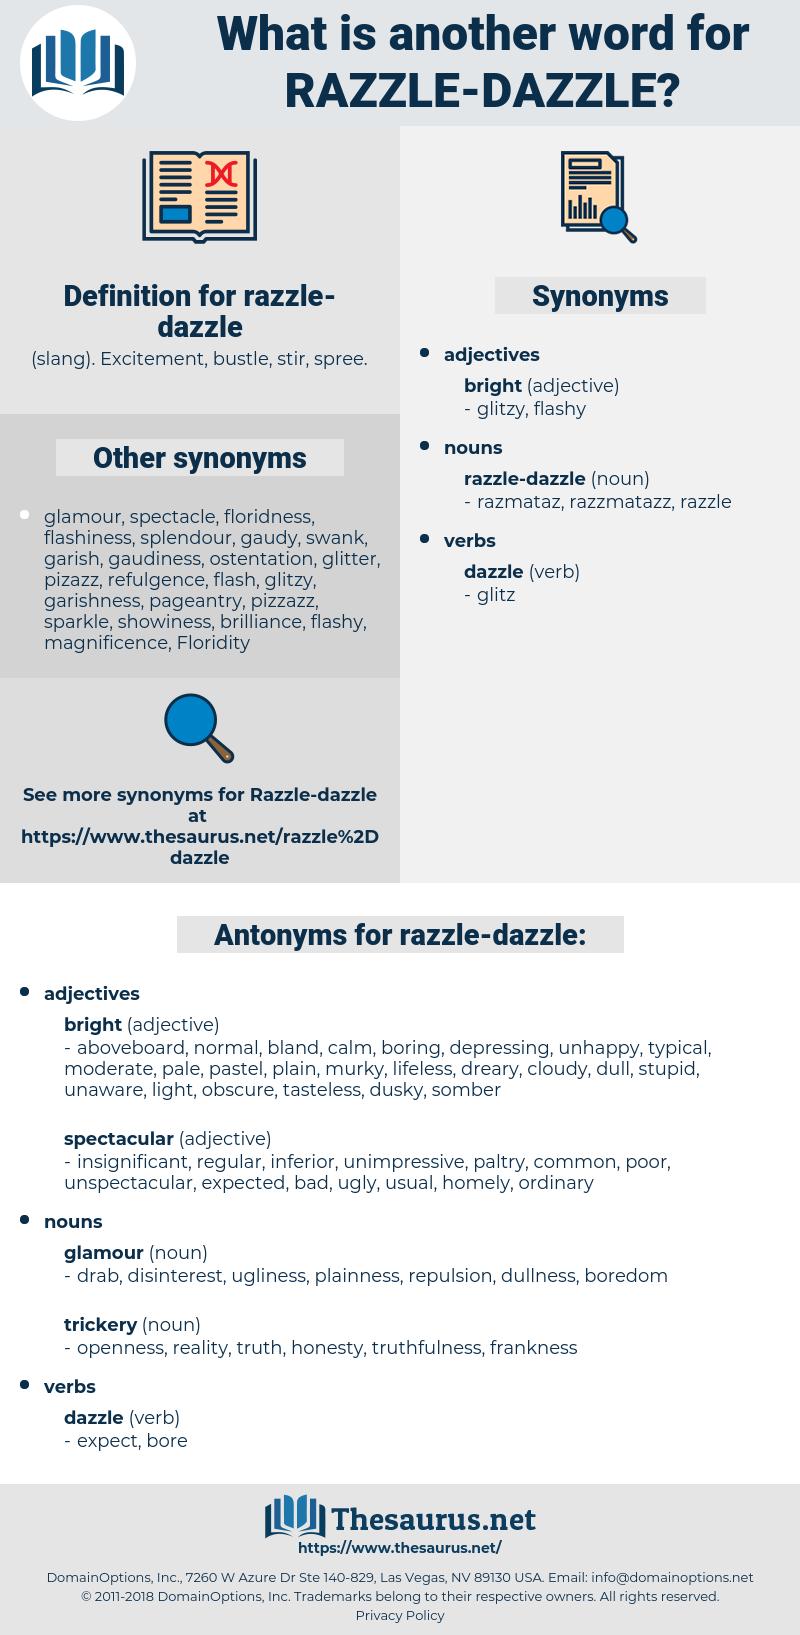 razzle-dazzle, synonym razzle-dazzle, another word for razzle-dazzle, words like razzle-dazzle, thesaurus razzle-dazzle